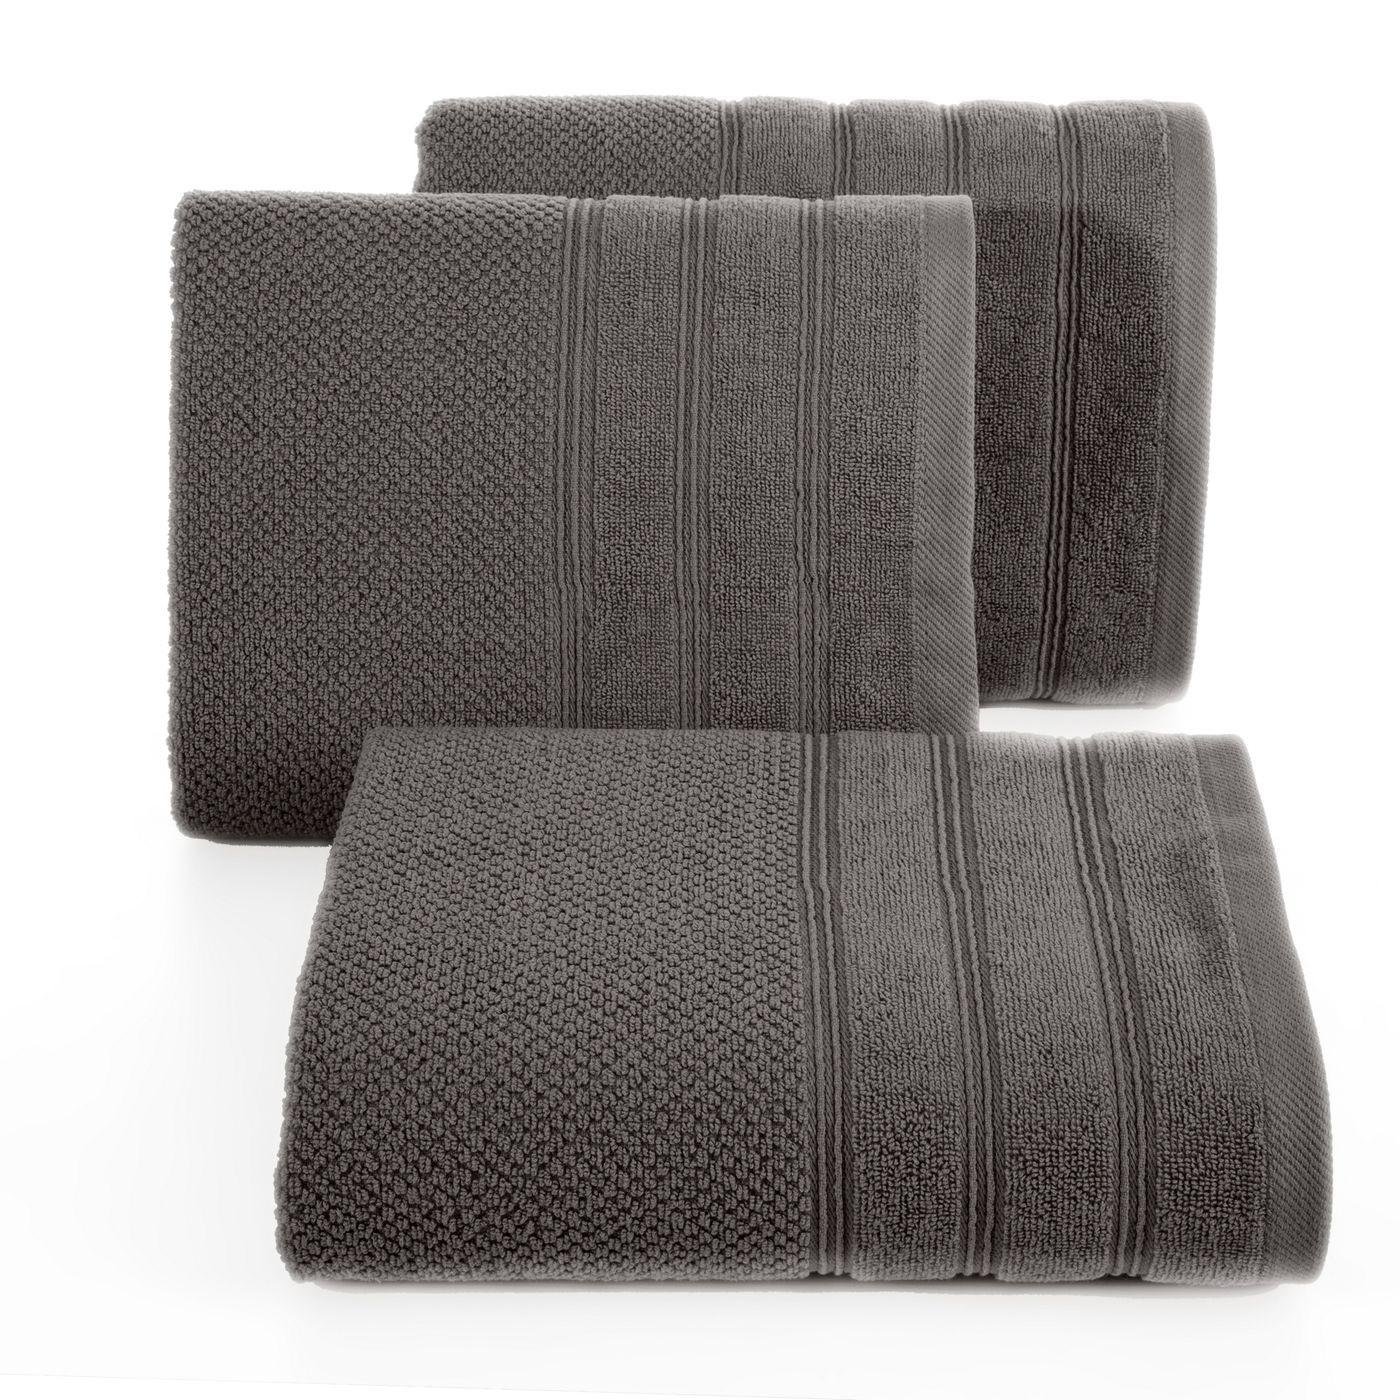 Bawełniany ręcznik kąpielowy frote grafitowy 70x140